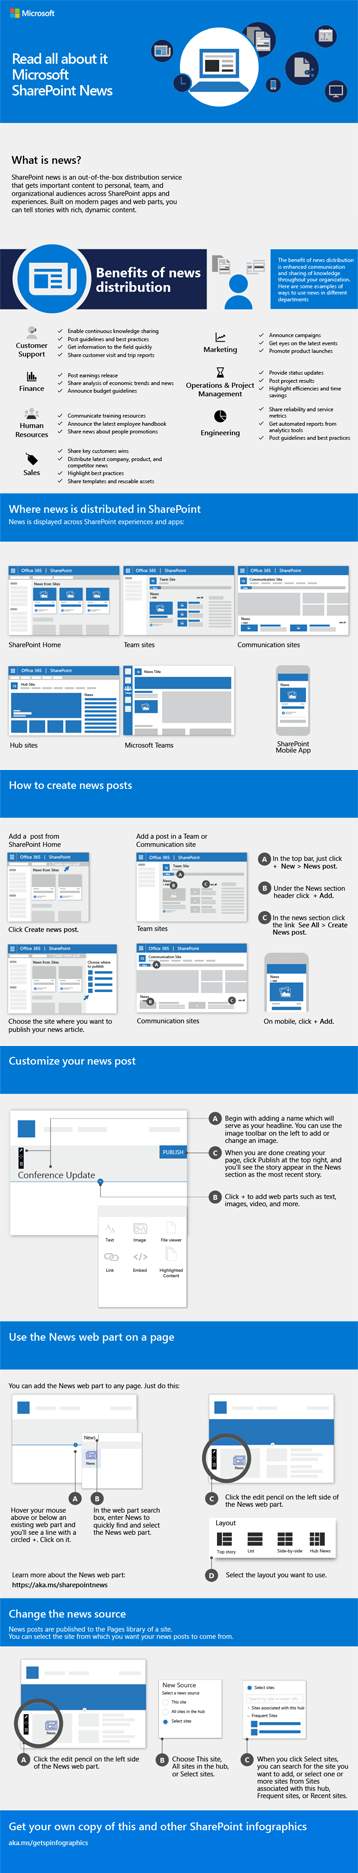 Інфографіка, присвячена службі новин SharePoint